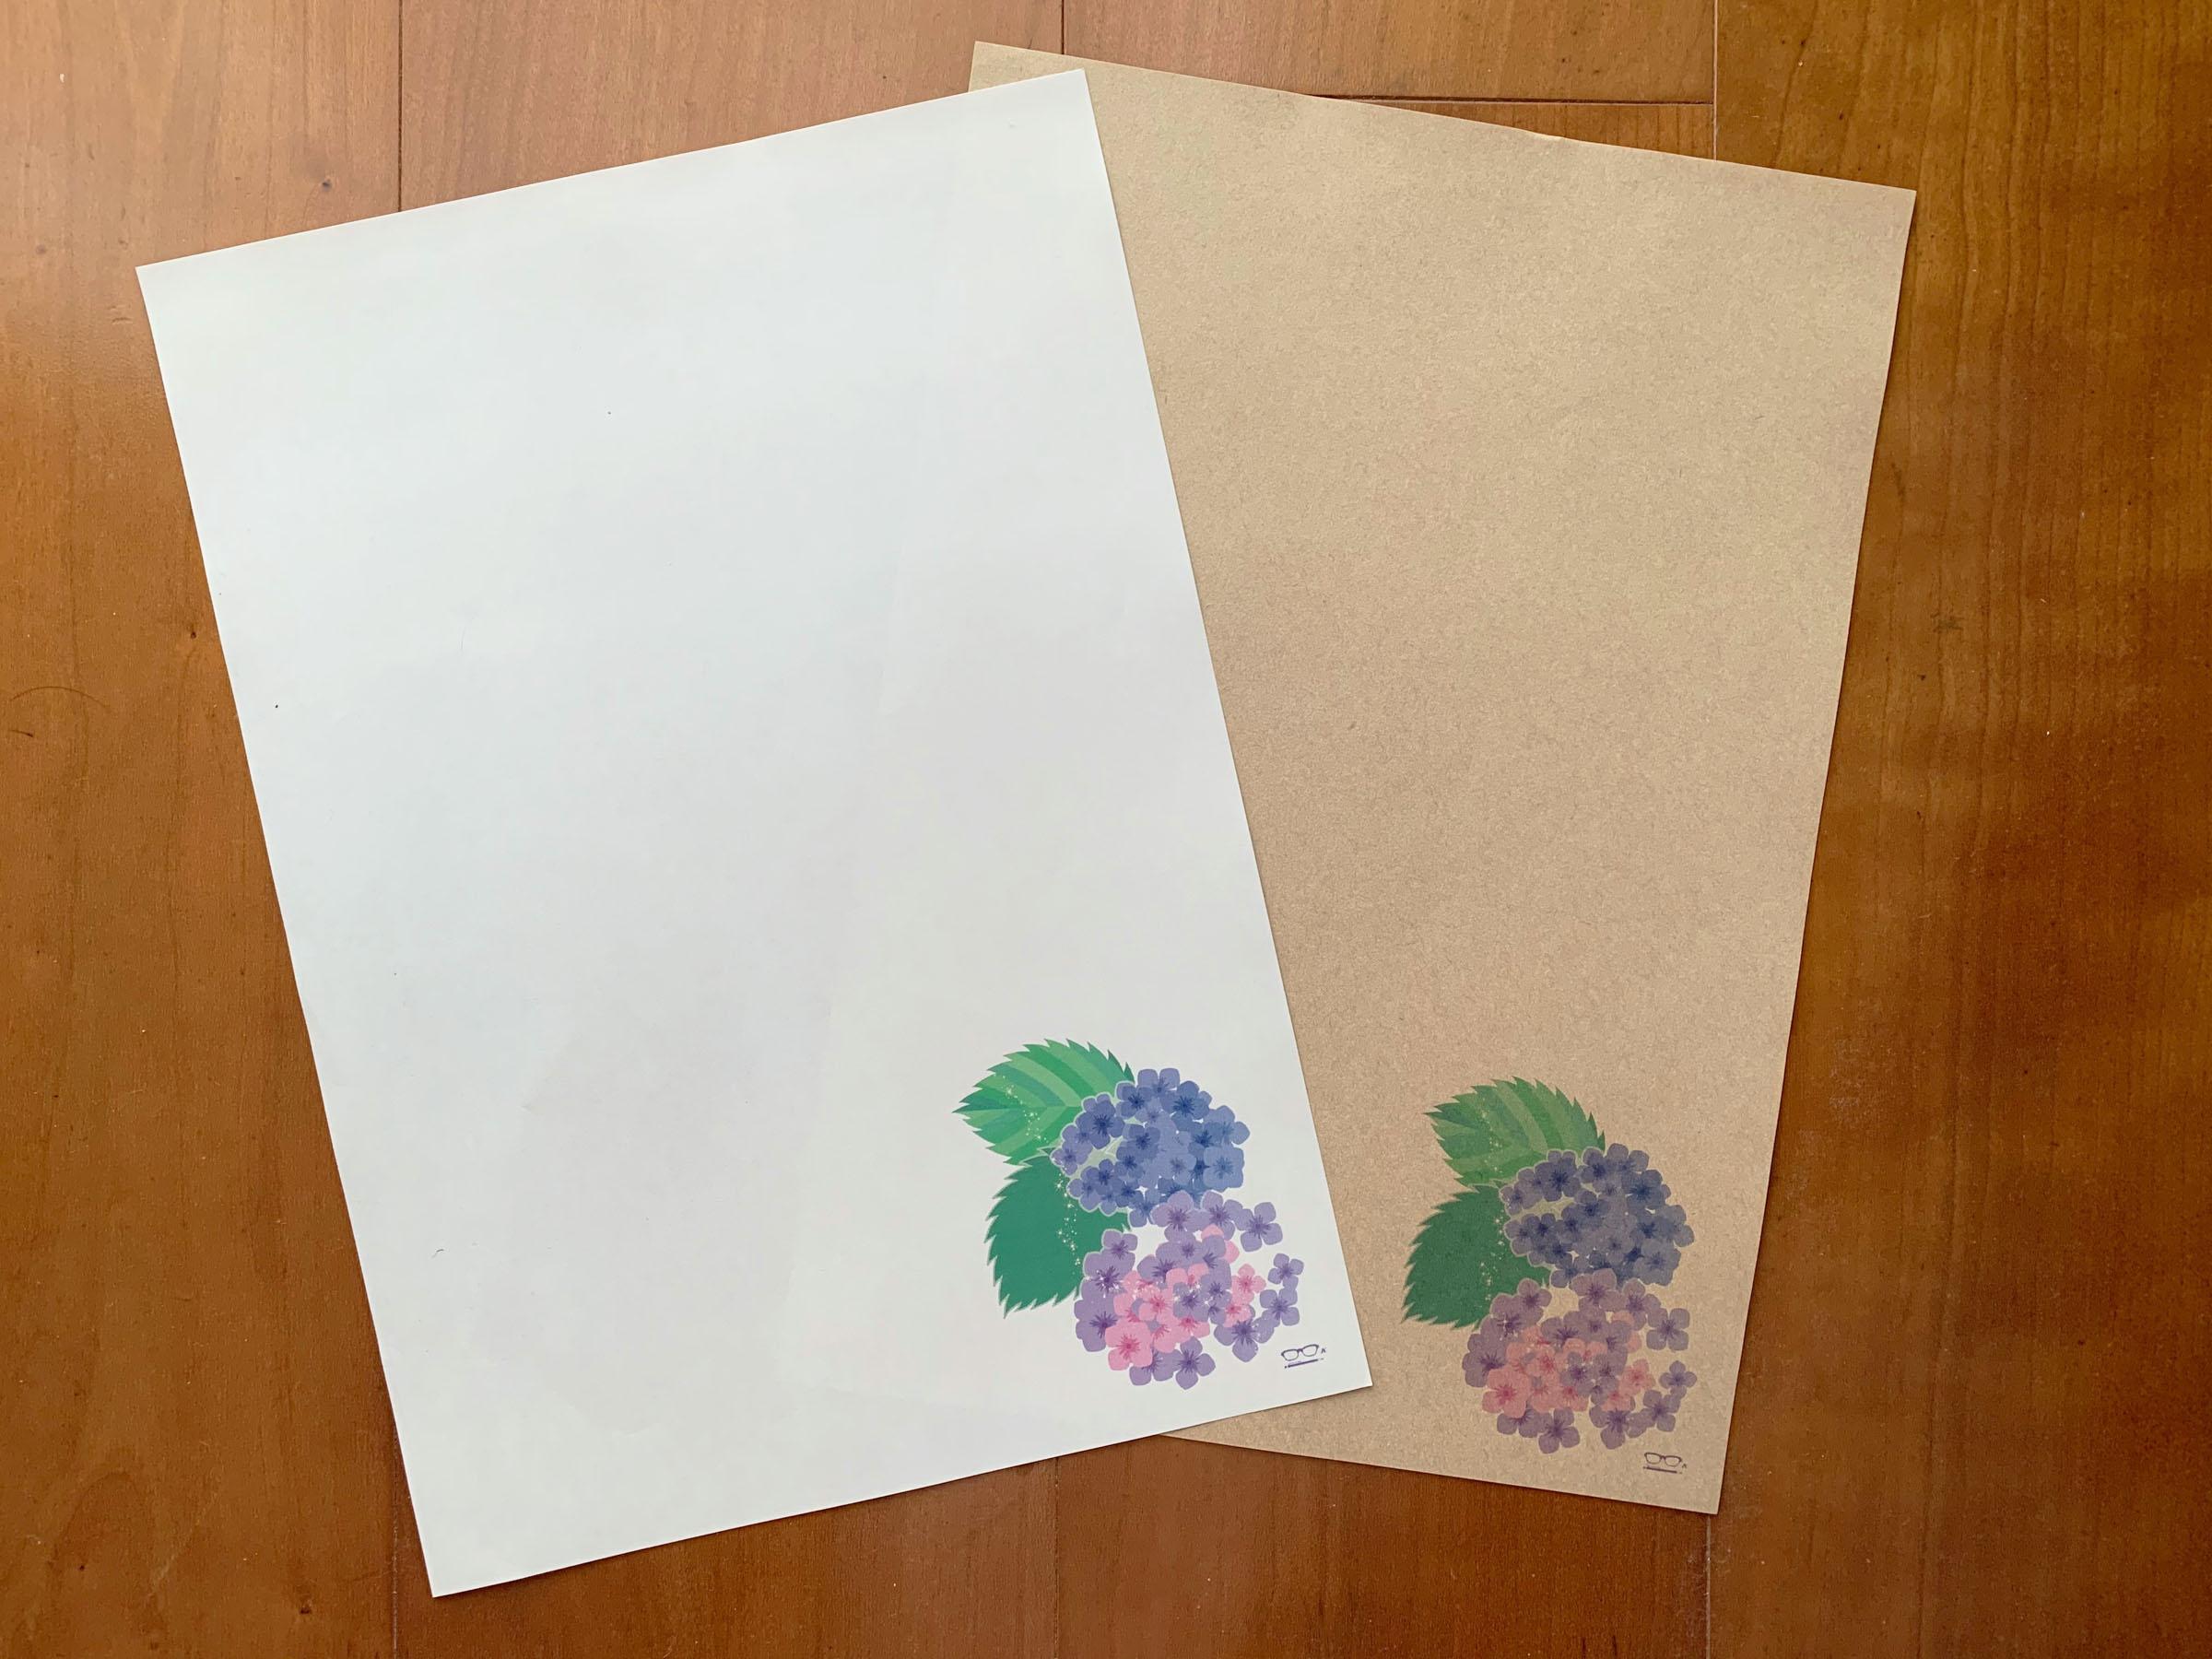 用紙を変えるとガラッと雰囲気が変わります